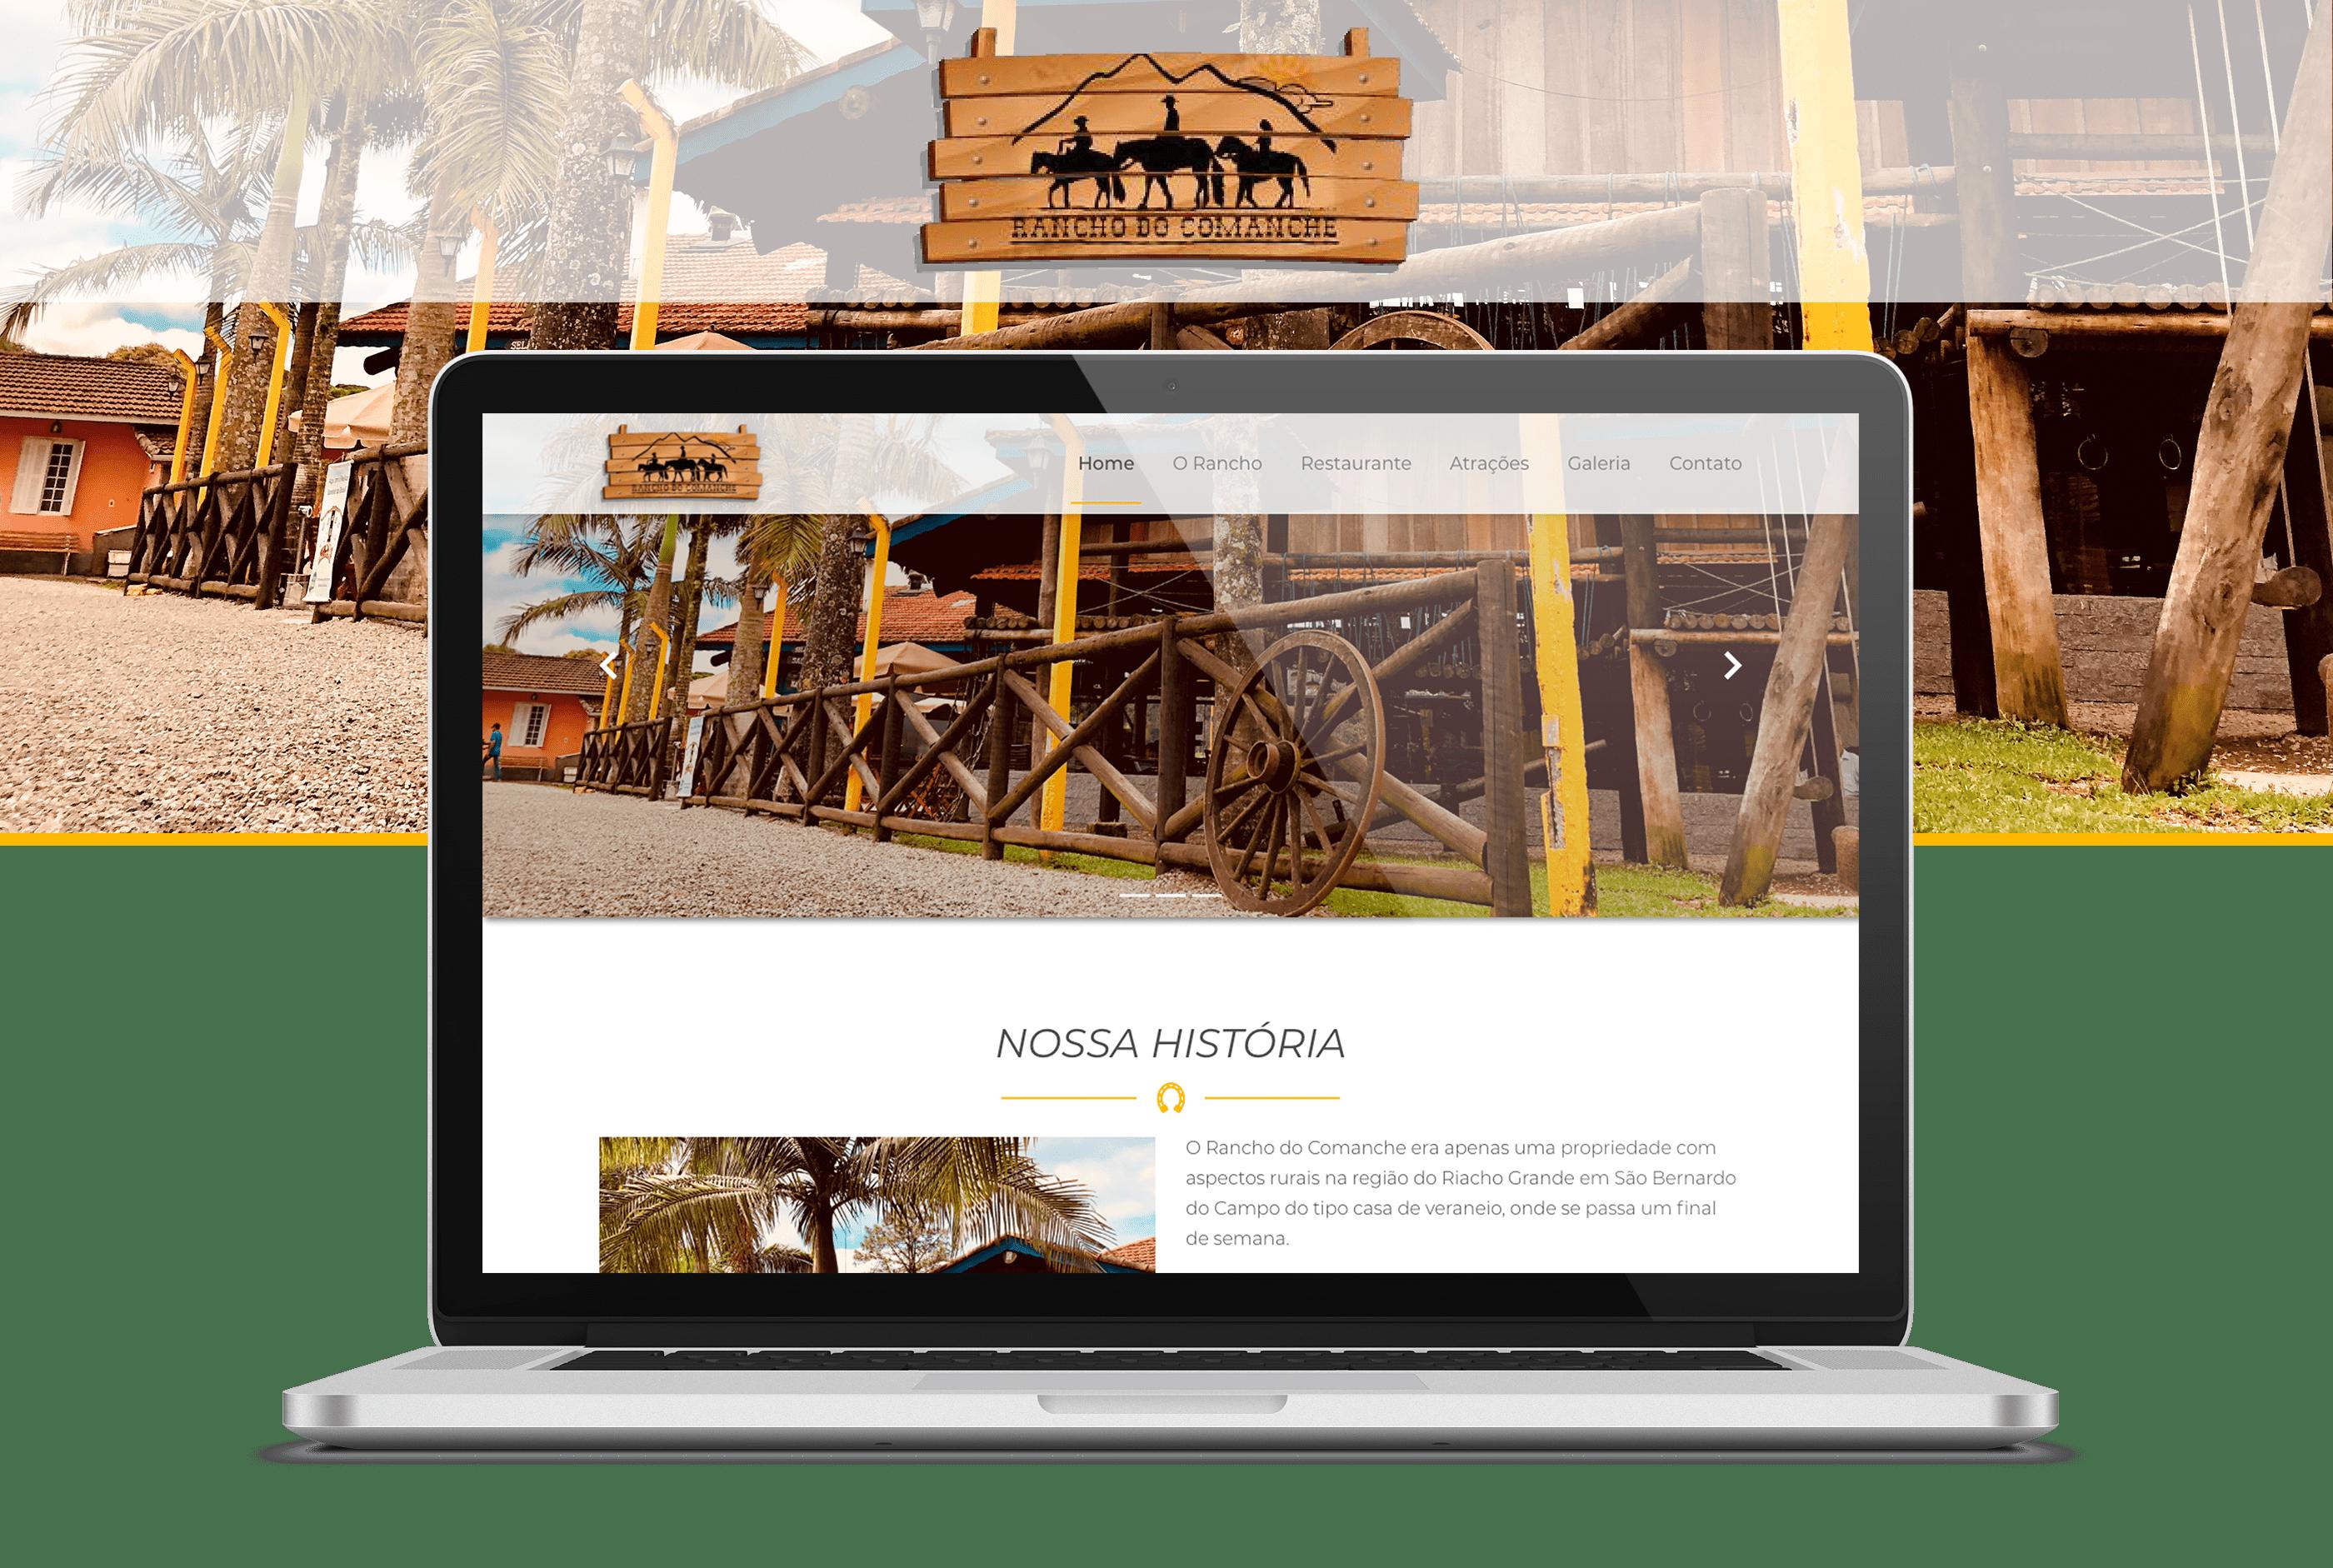 Projeto Rancho do Comanche - Goognet Solução Digital